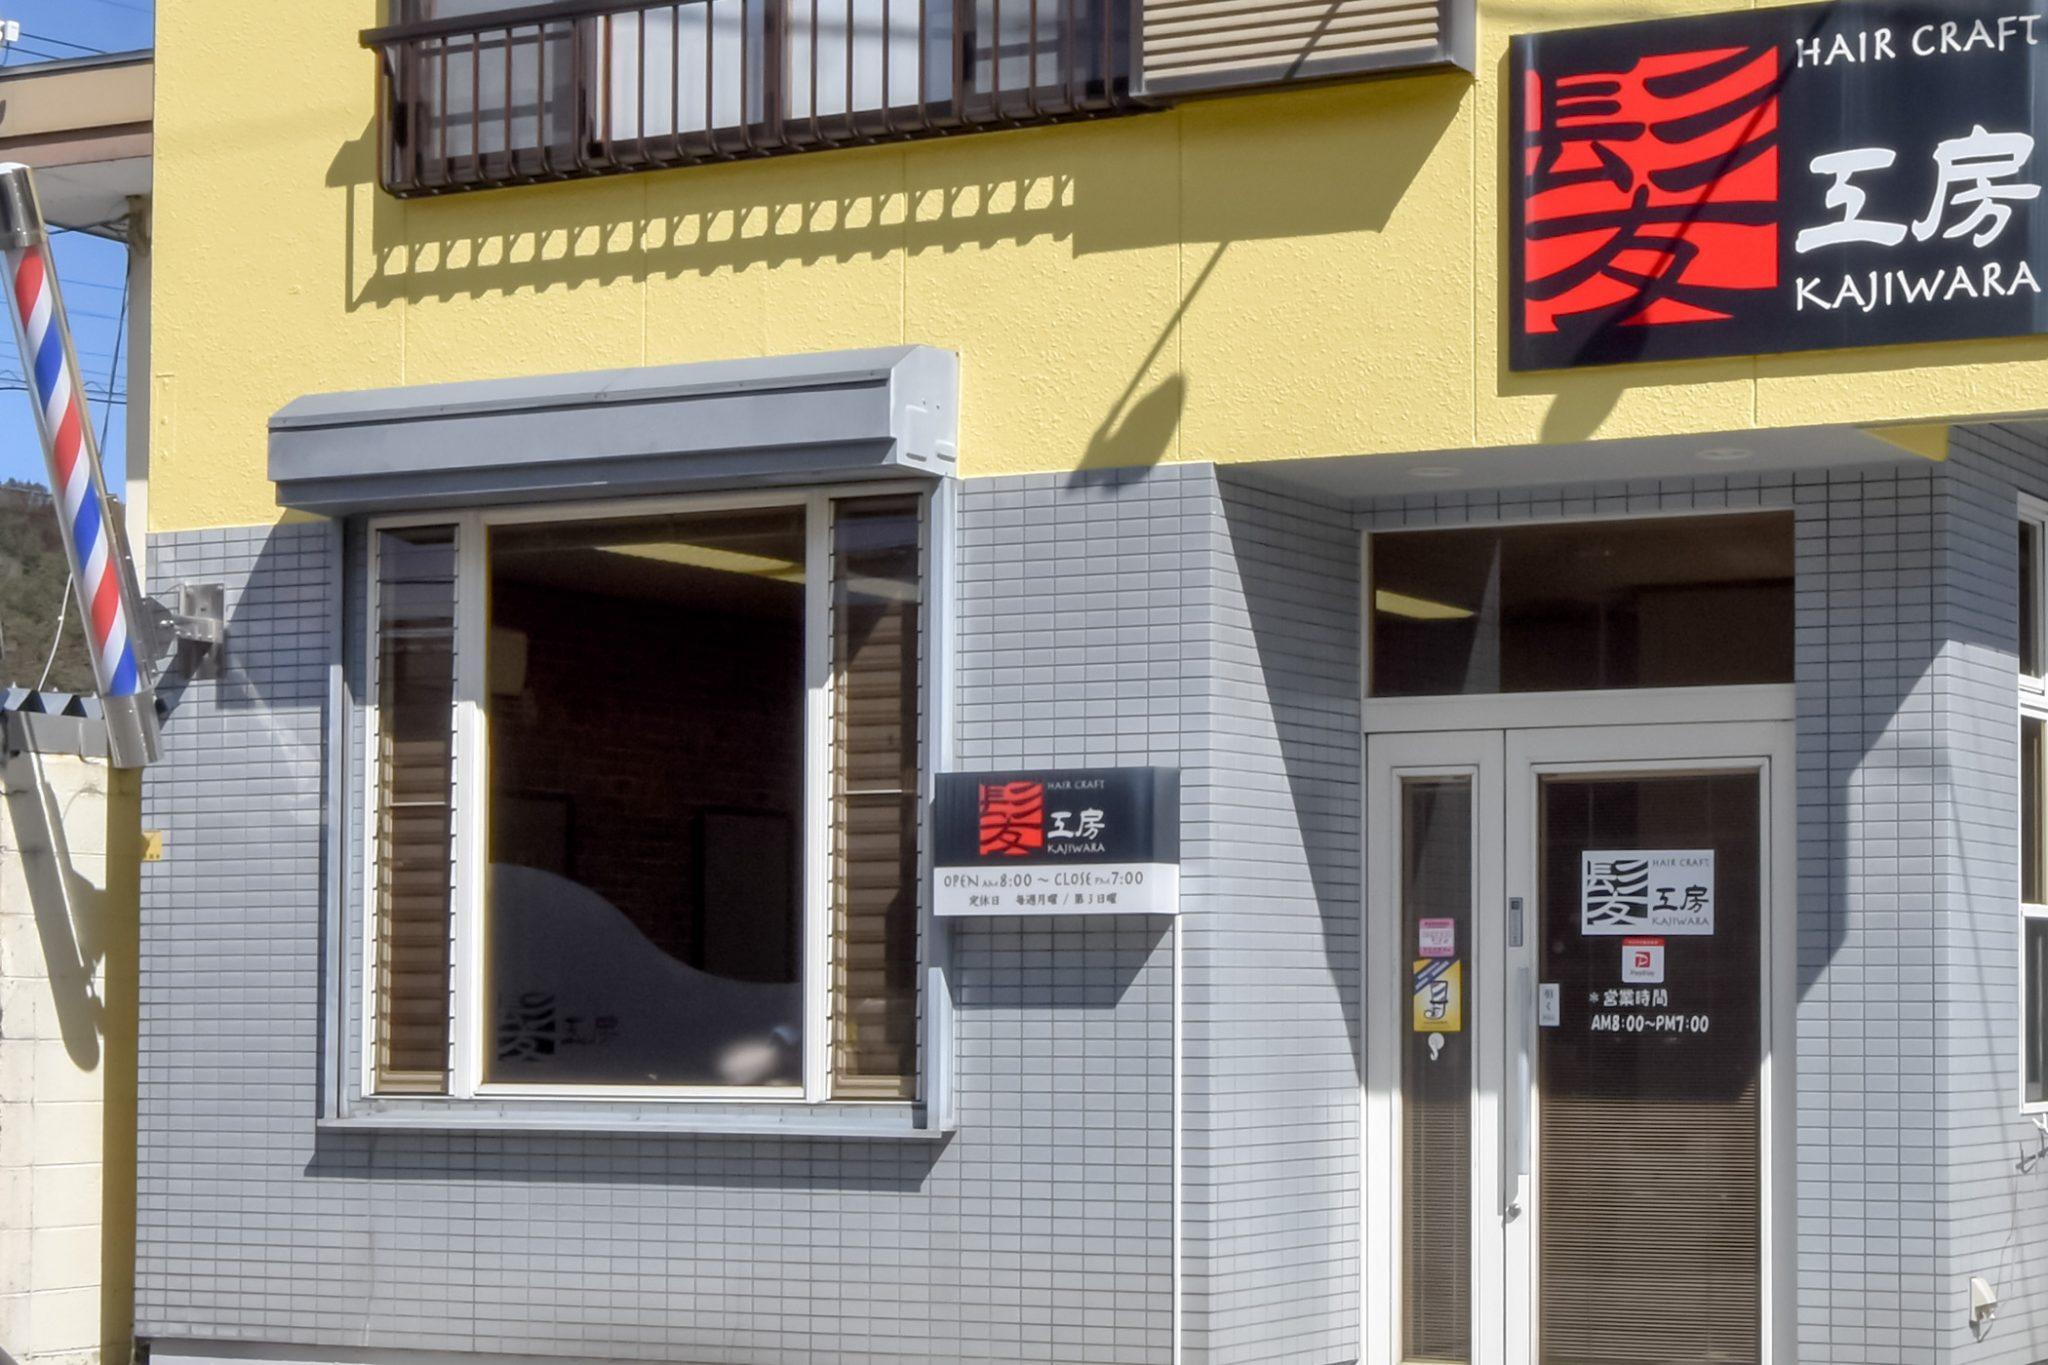 髪工房カジワラ 富士吉田 理容室5